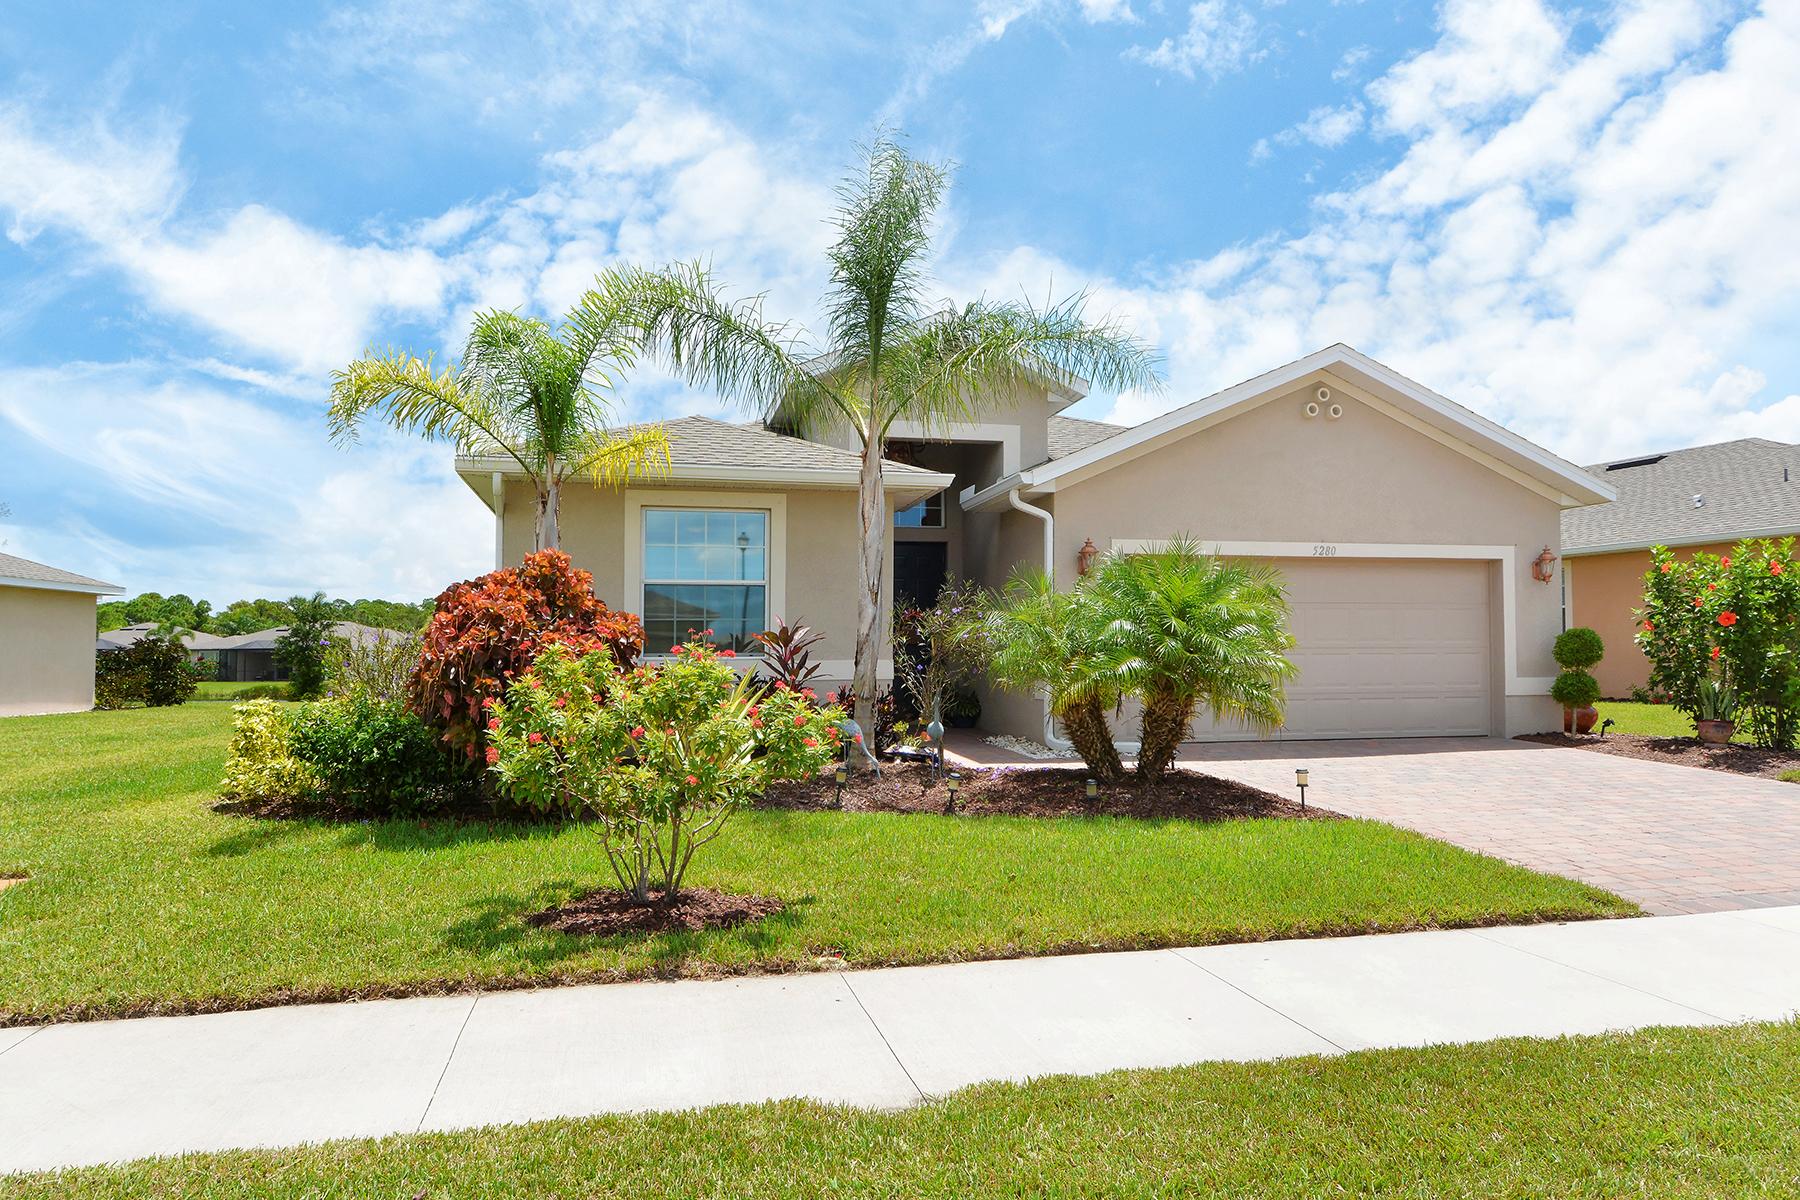 Maison unifamiliale pour l Vente à VENTURA VILLAGE 5280 Canyonland Way Venice, Florida, 34293 États-Unis